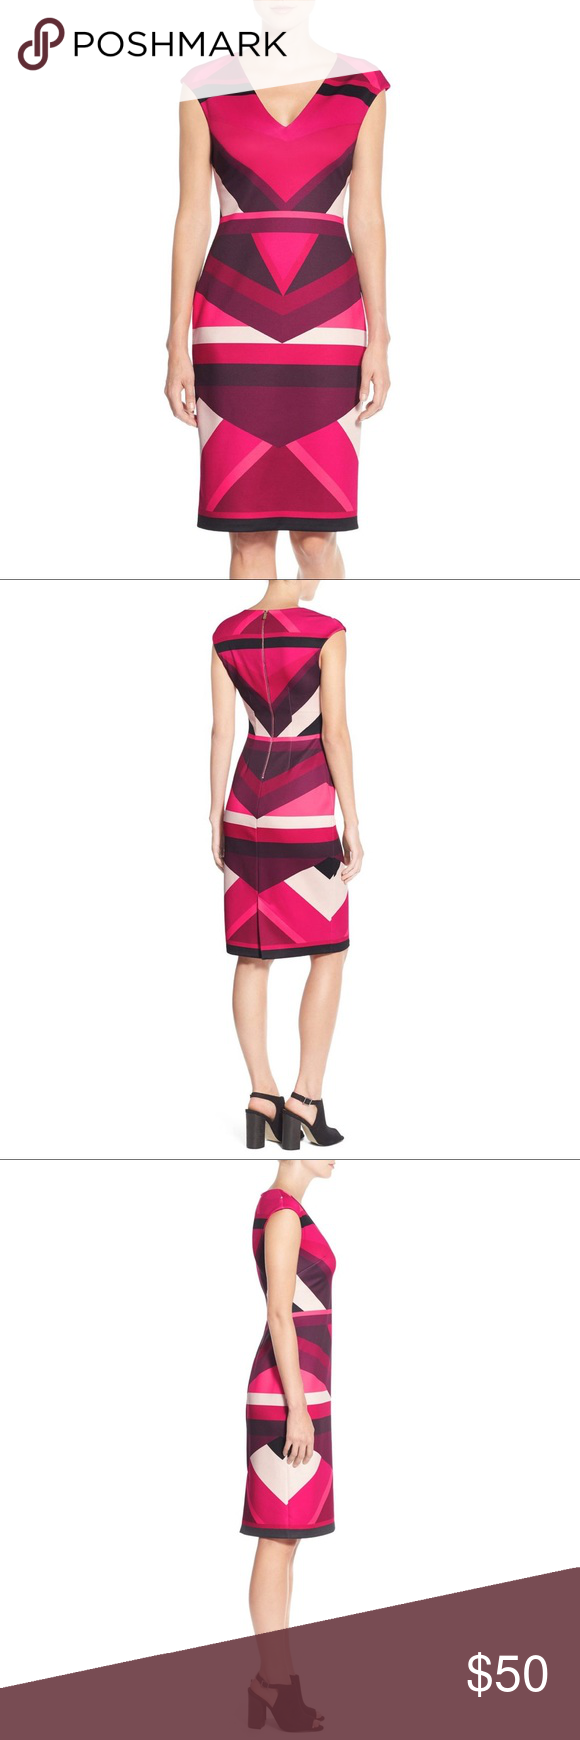 Vince Camuto Colorblock Sheath Dress 0p Petite Dresses Sheath Dress Clothes Design [ 1740 x 580 Pixel ]